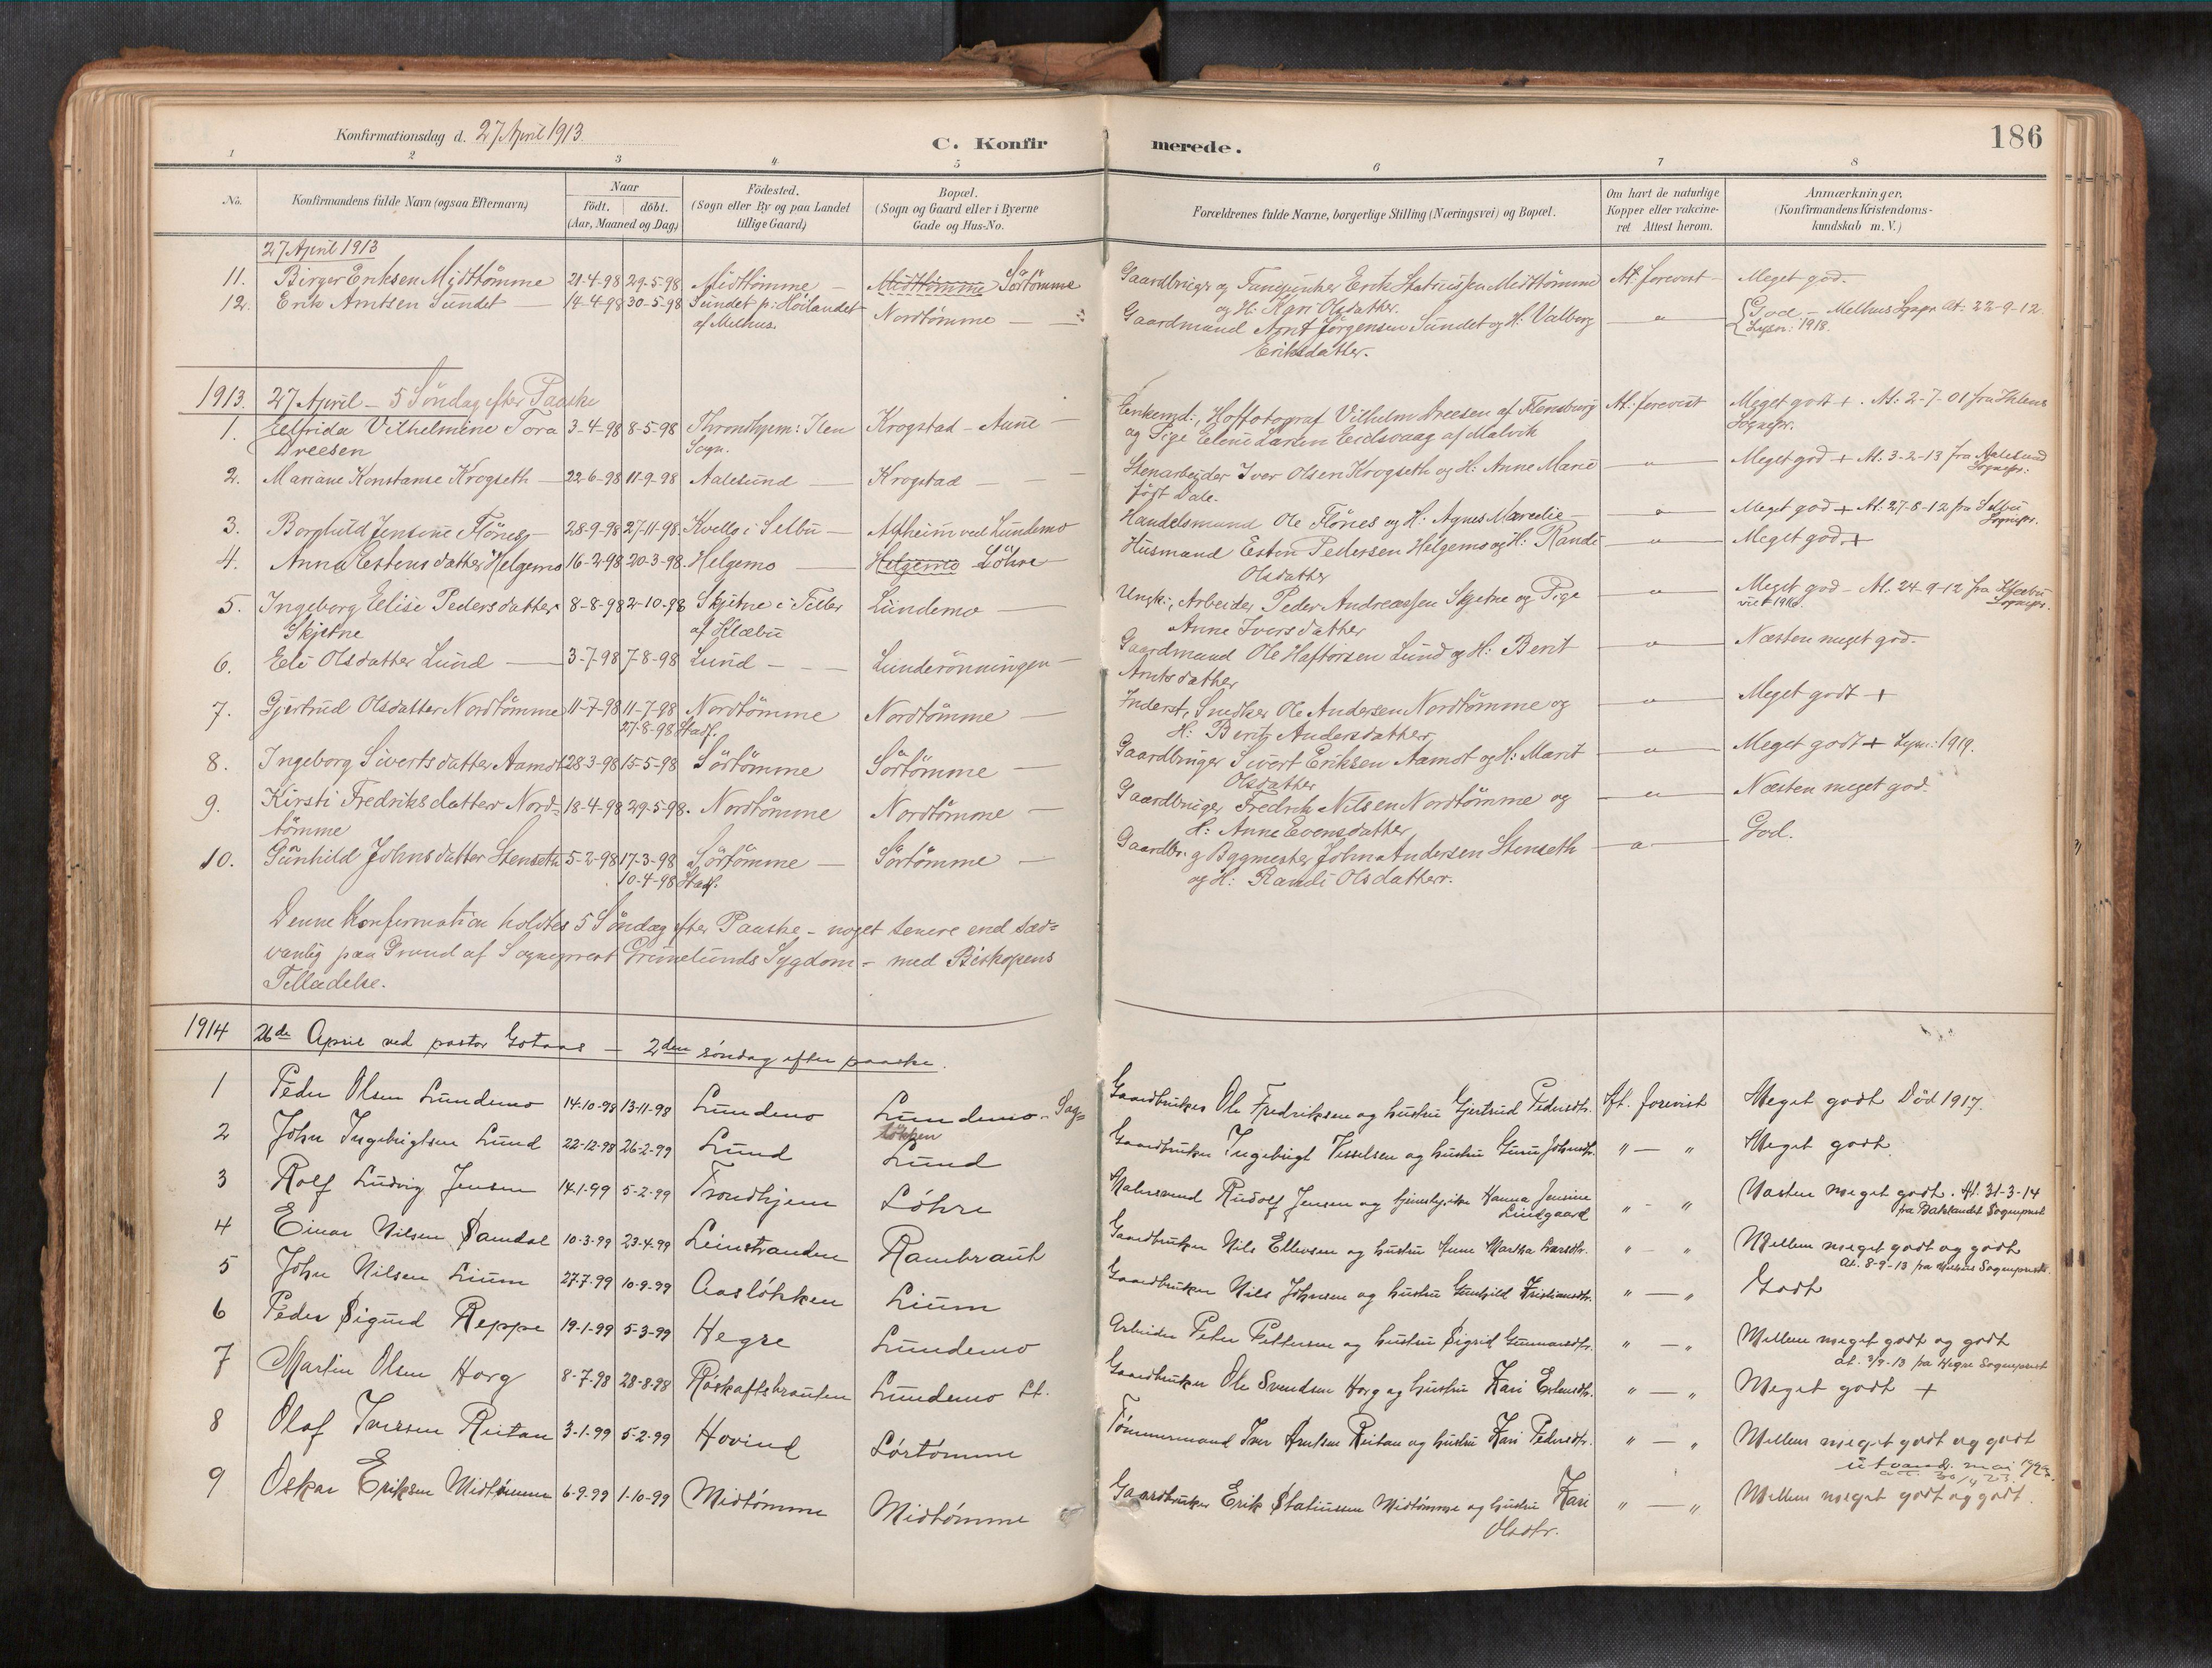 SAT, Ministerialprotokoller, klokkerbøker og fødselsregistre - Sør-Trøndelag, 692/L1105b: Ministerialbok nr. 692A06, 1891-1934, s. 186